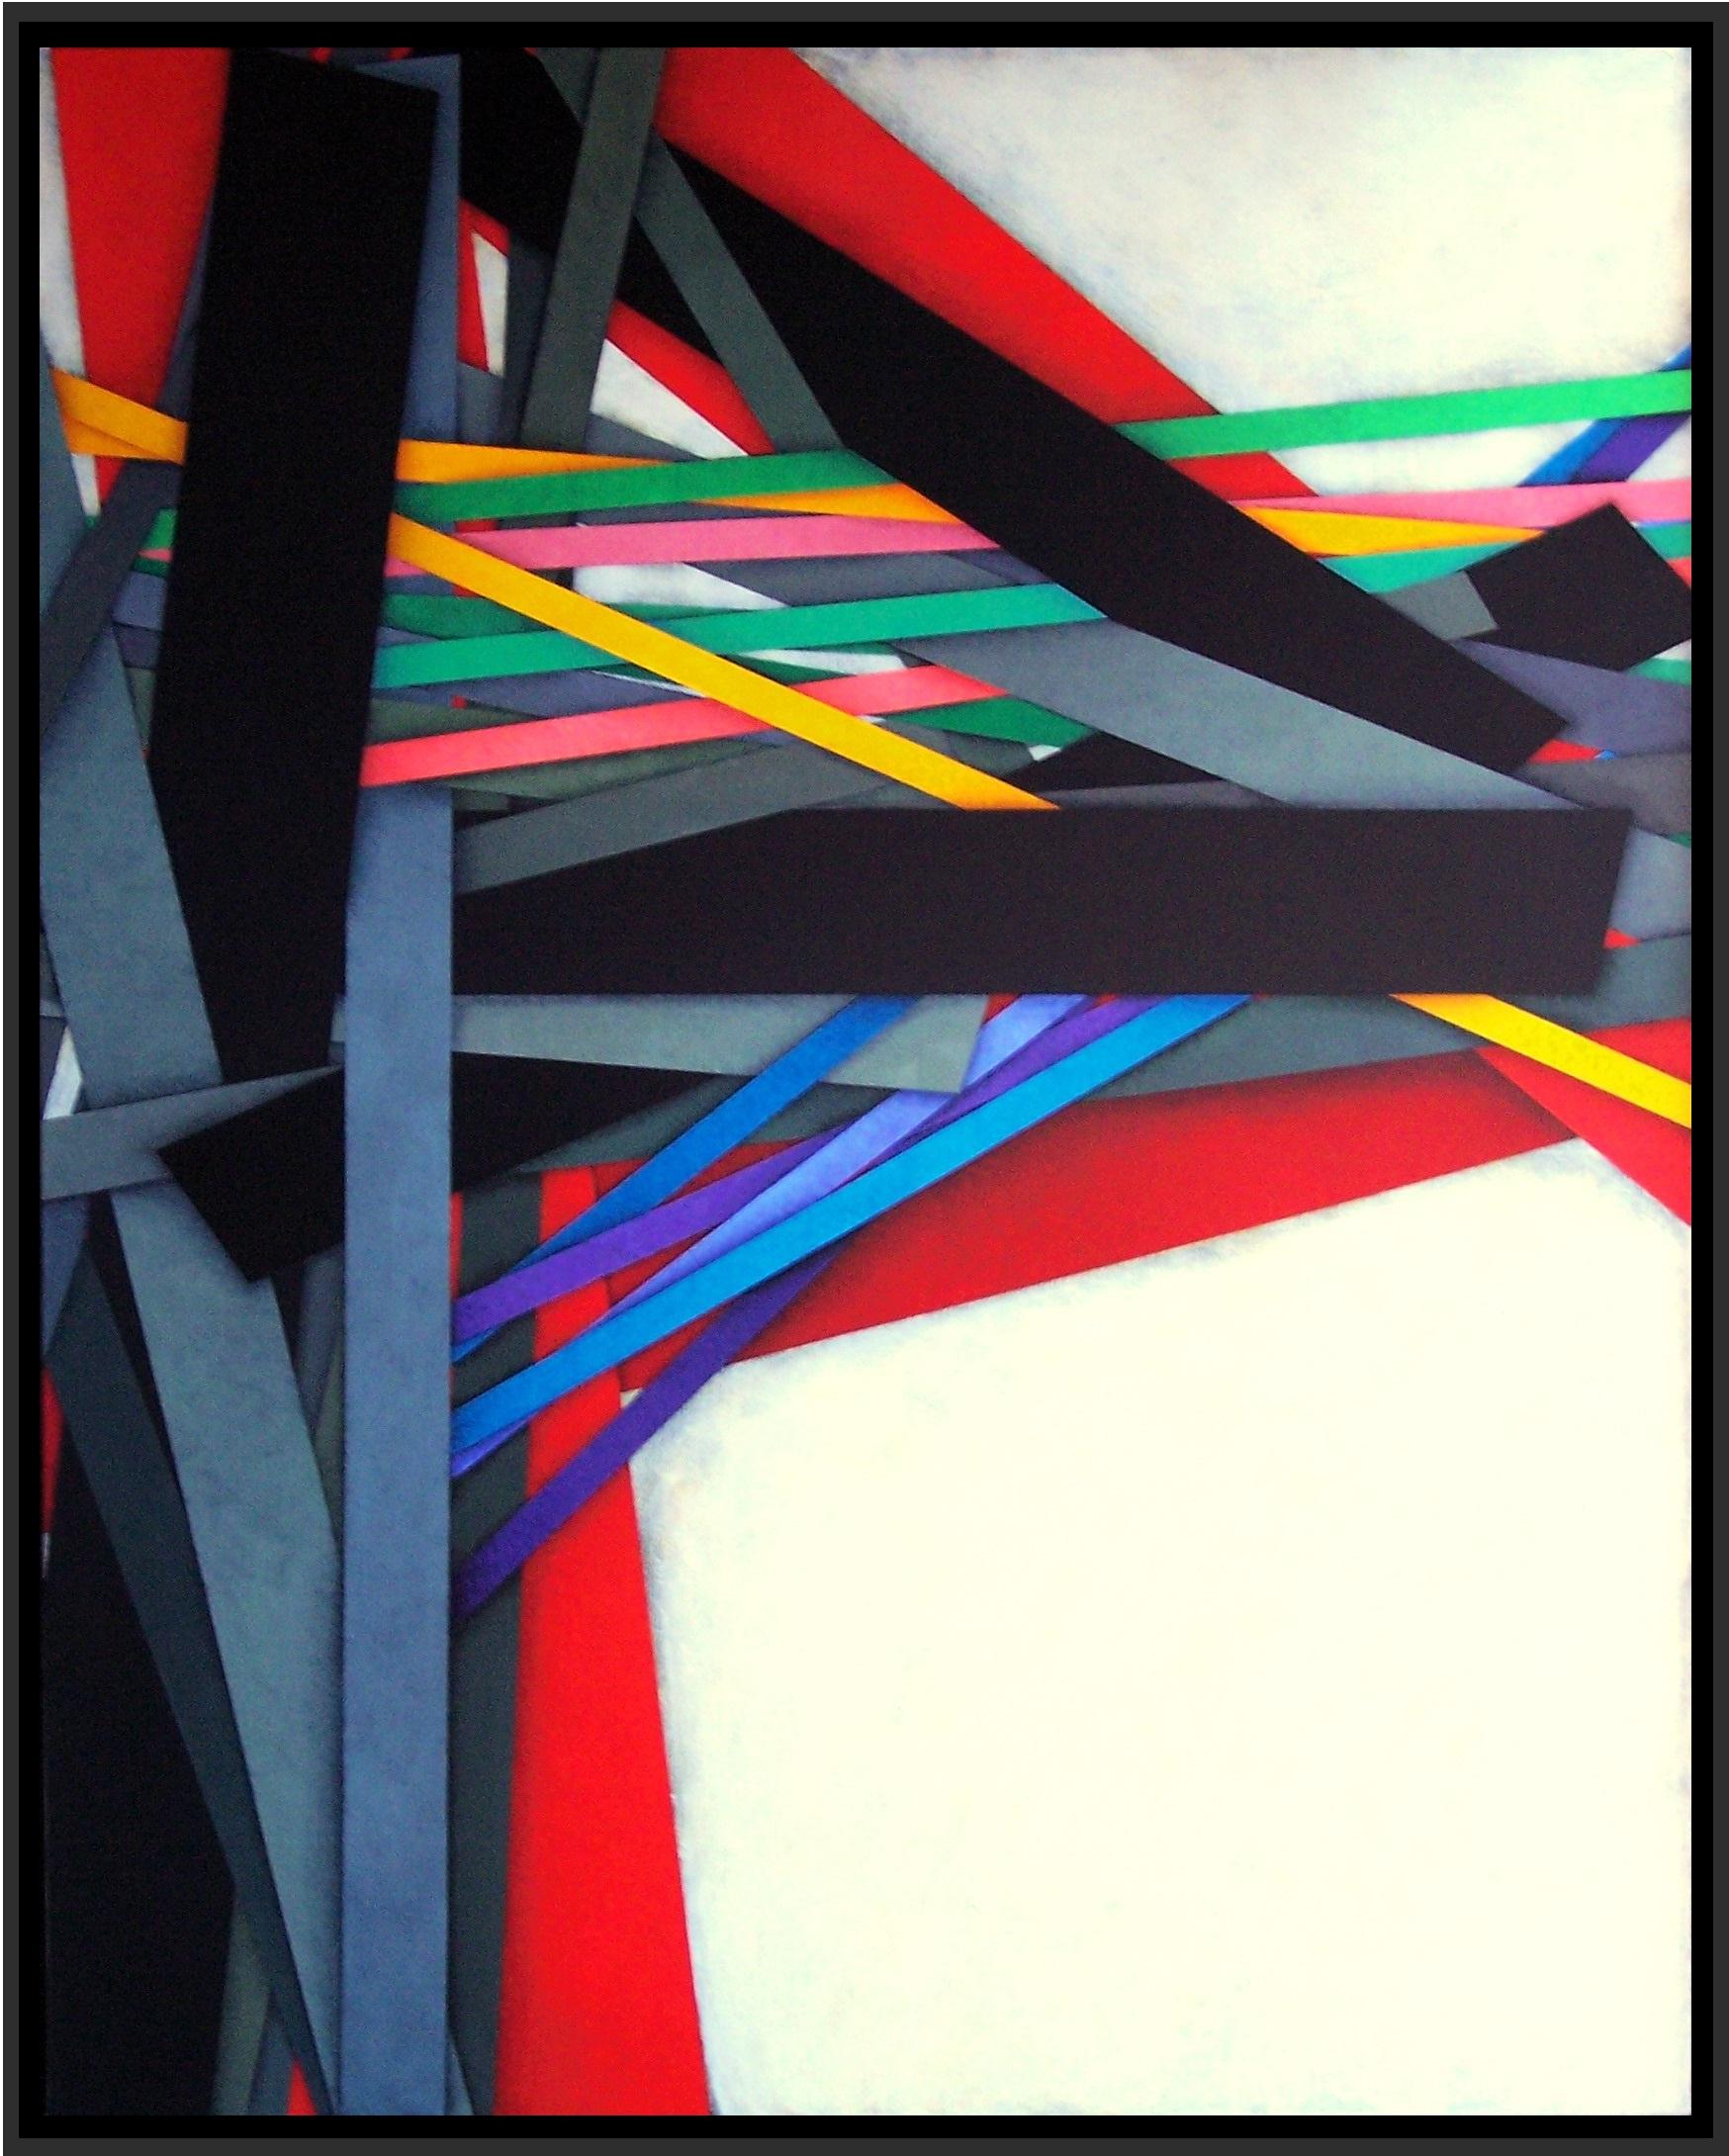 2015, Power pole 13, cm 80x100, acrylic on linen canvas